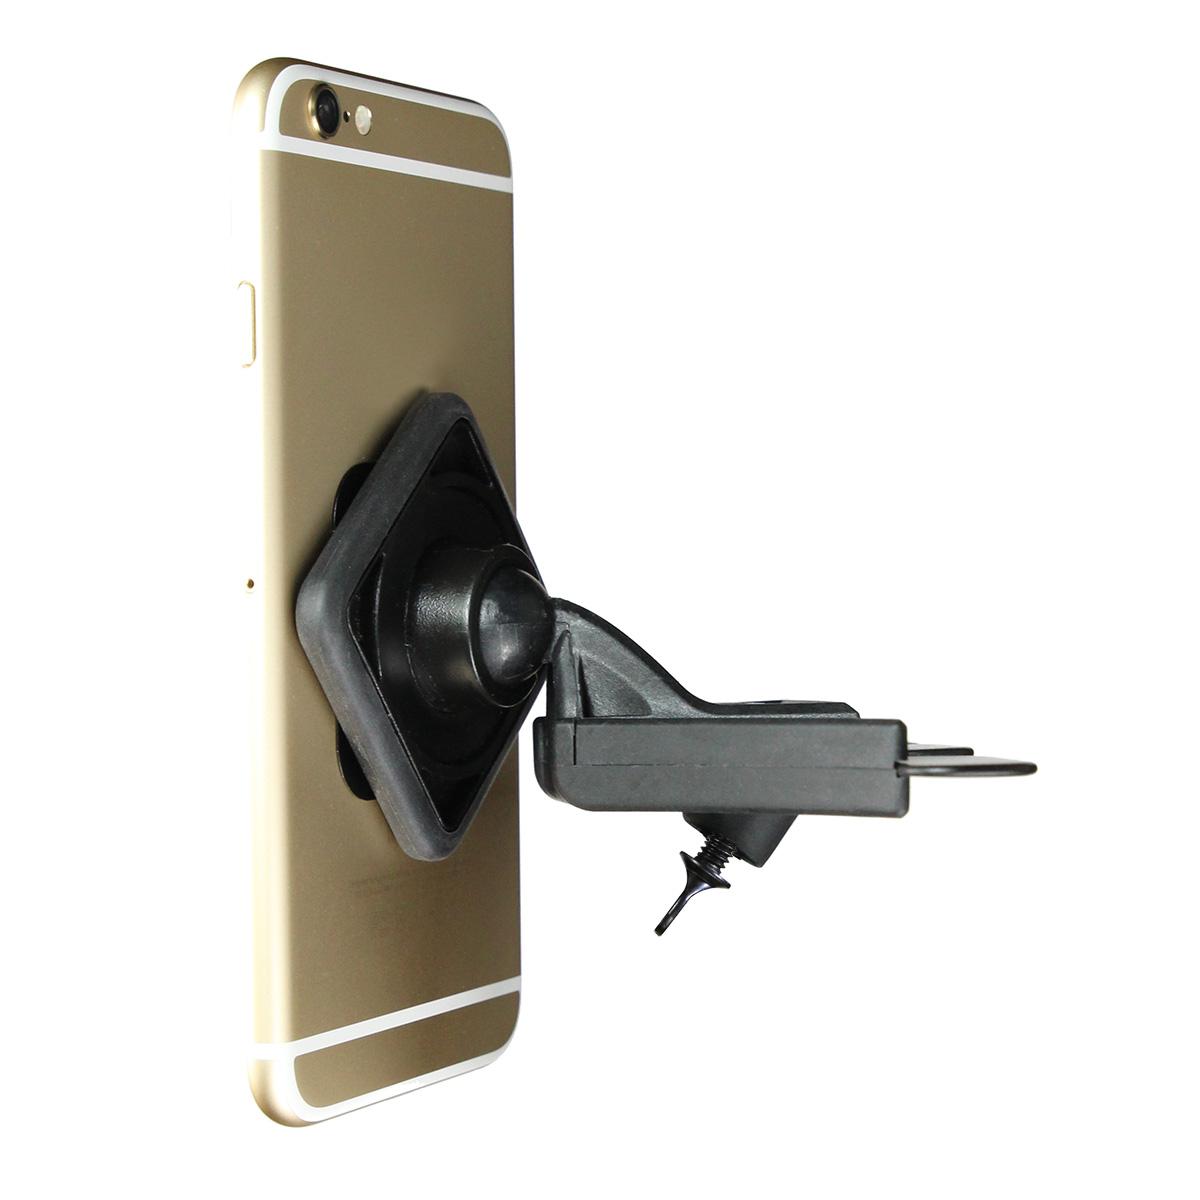 Universal car cd slot mount holder for cell phone 5